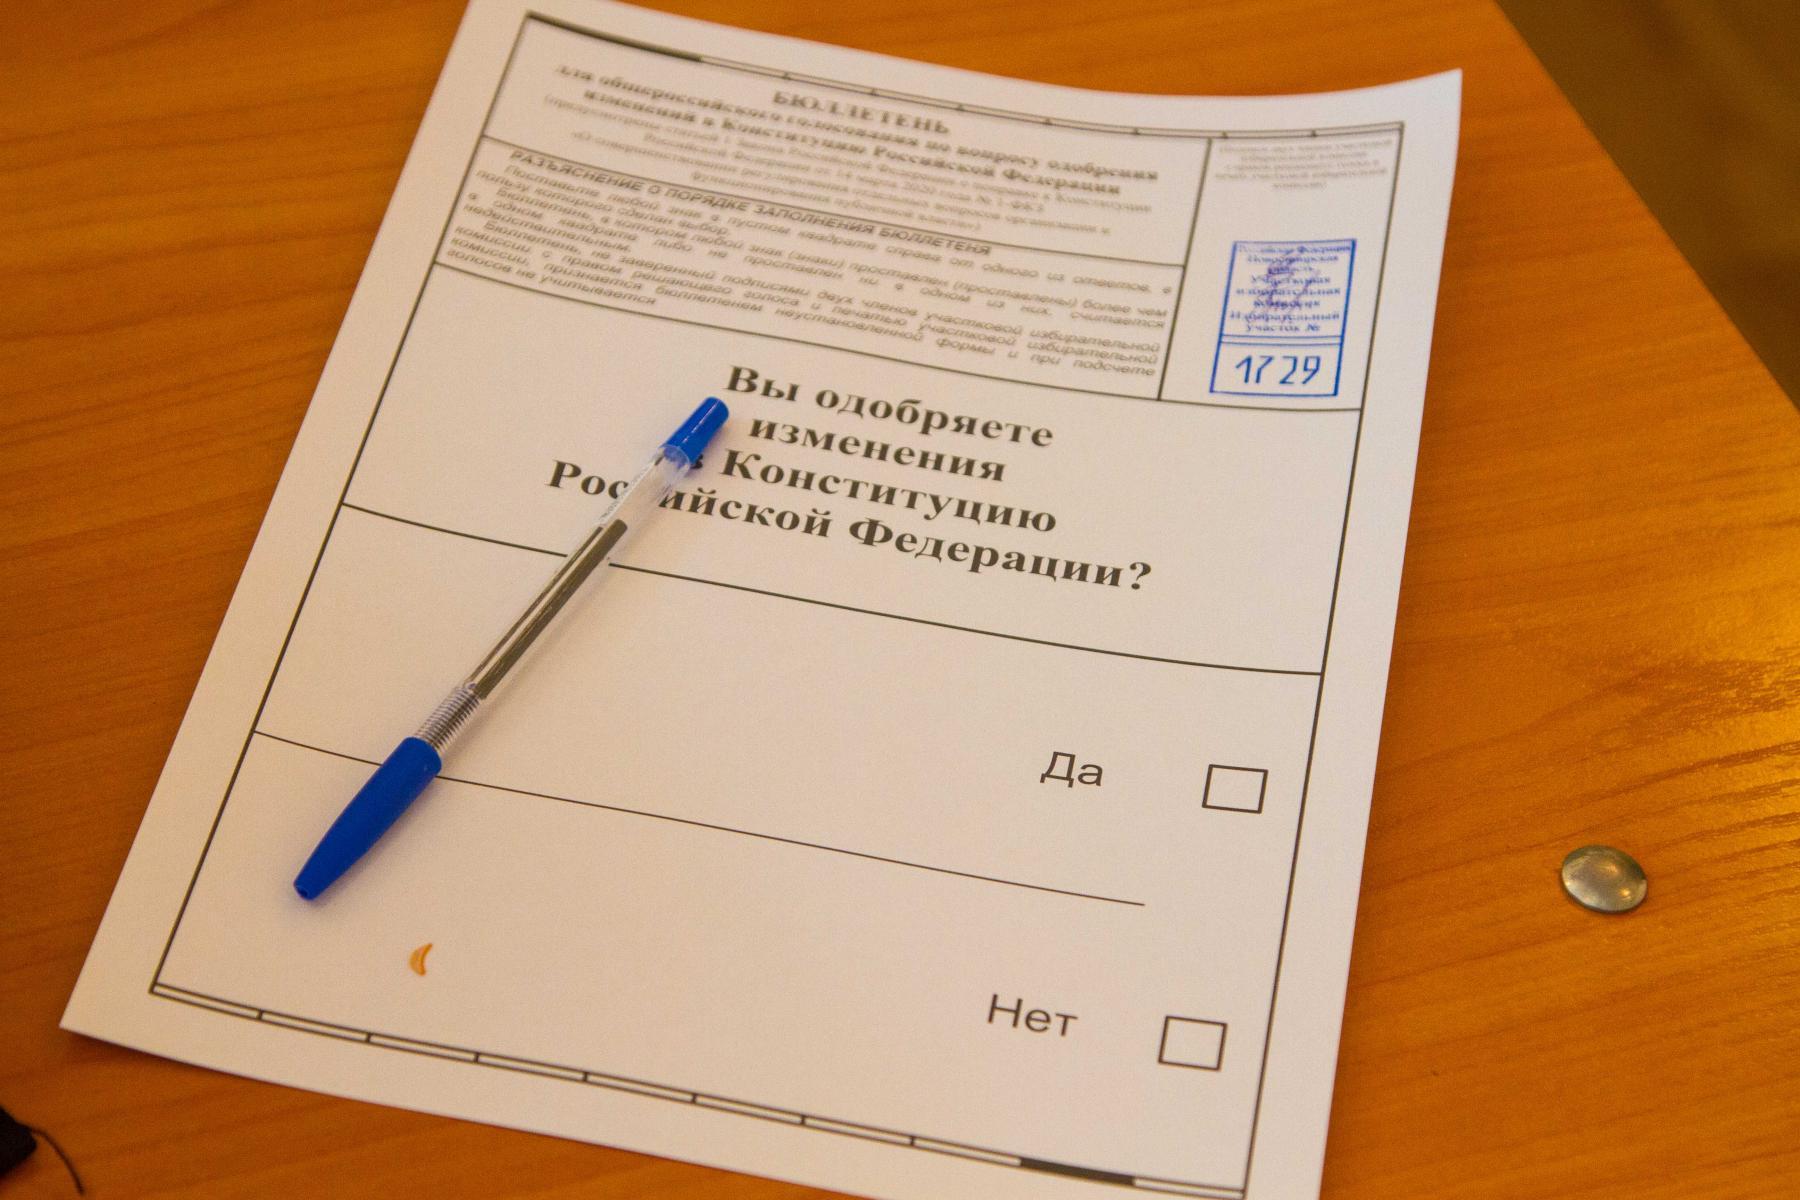 фото Конституция 1 июля: главные изменения и поправки 2